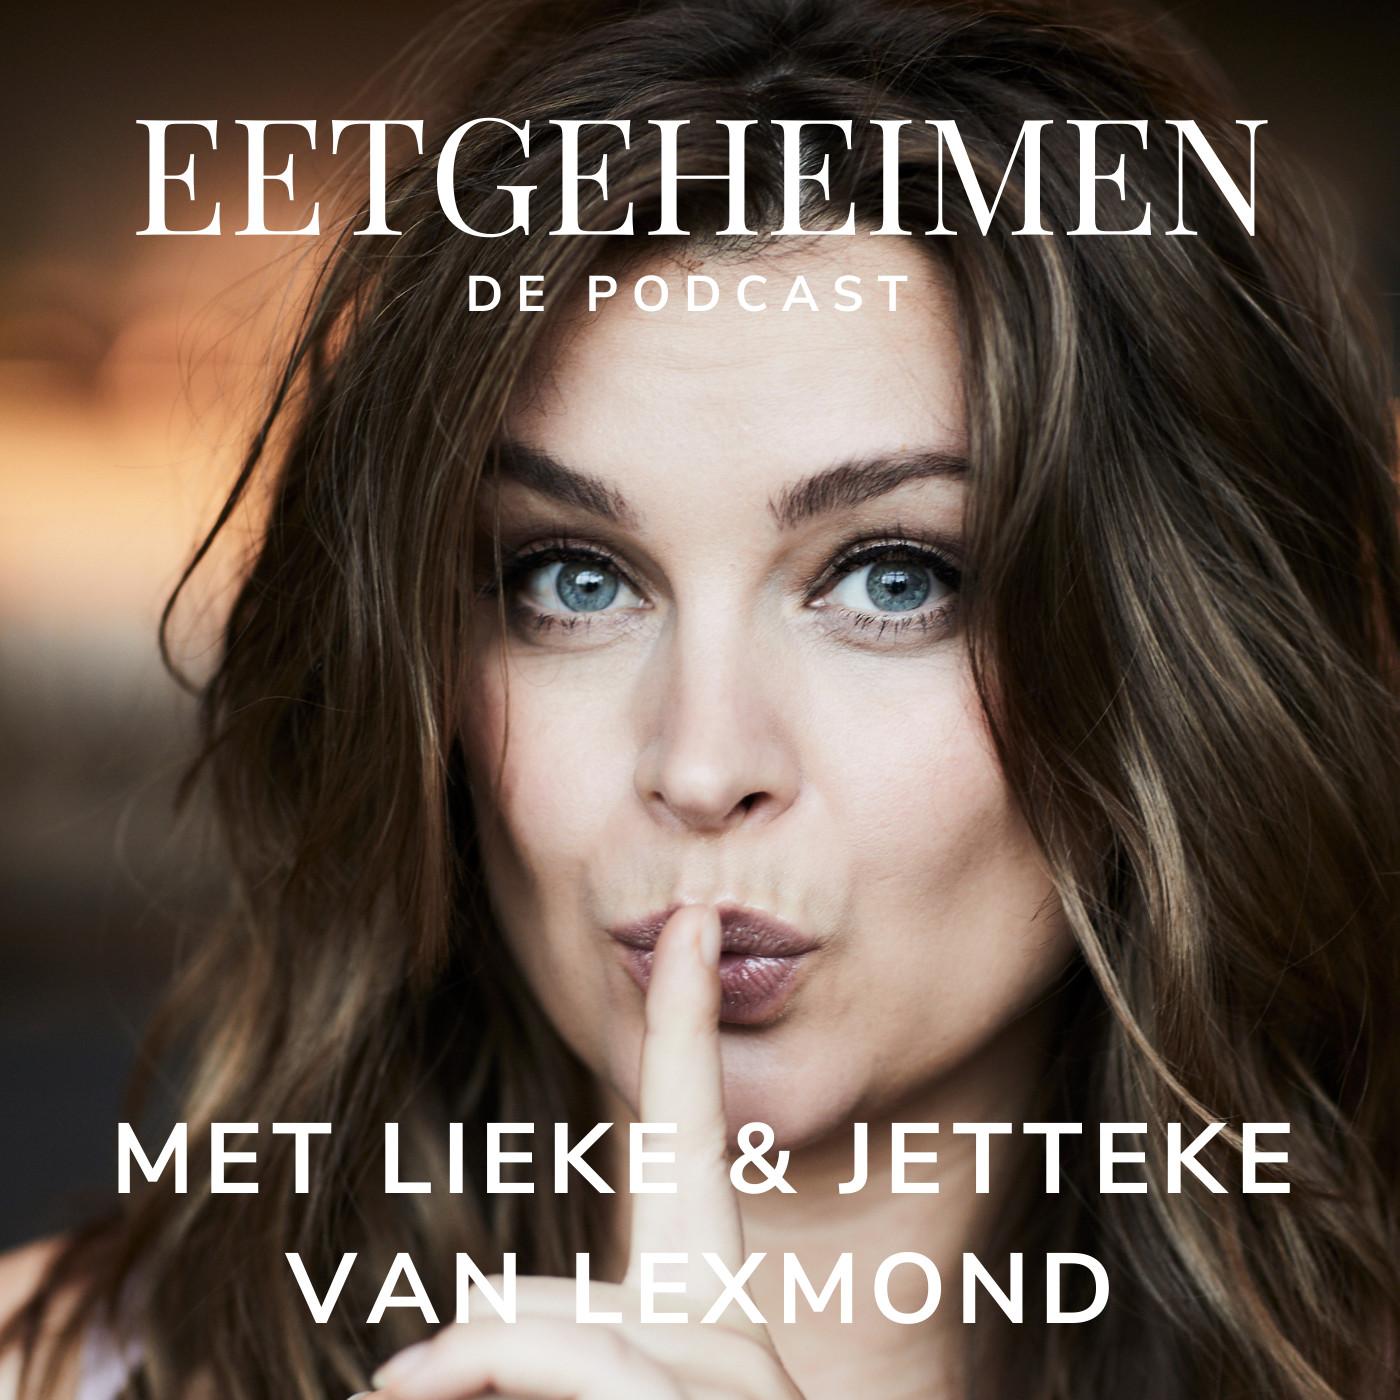 #4 - Lieke en Jetteke van Lexmond